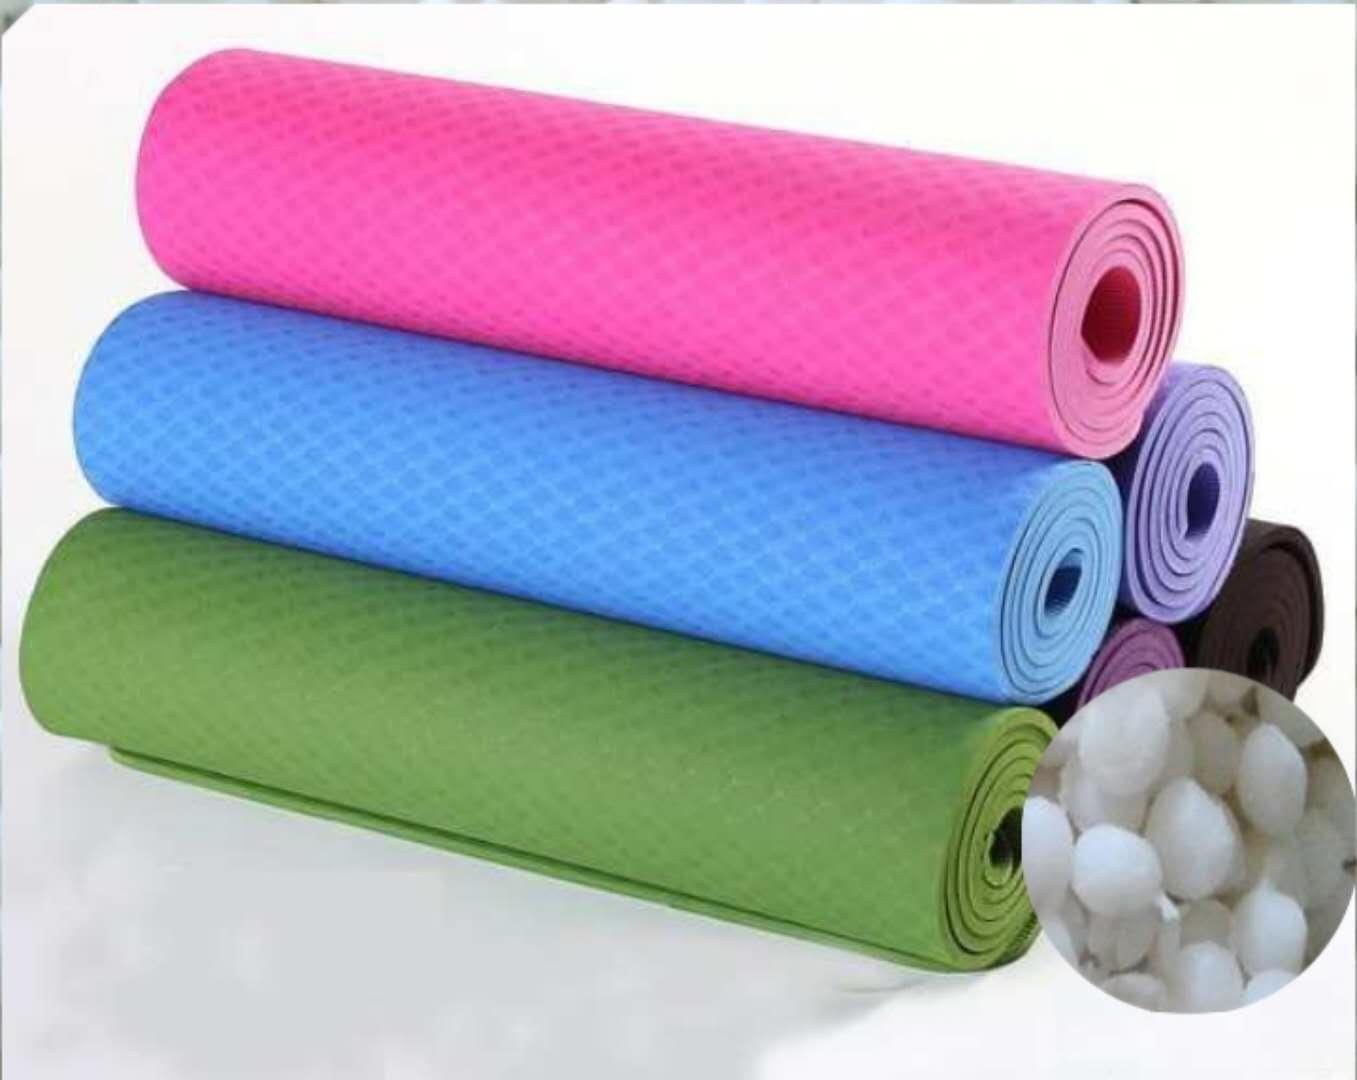 TPE瑜伽垫料 TPE 瑜伽垫 料 TPE瑜伽垫 料